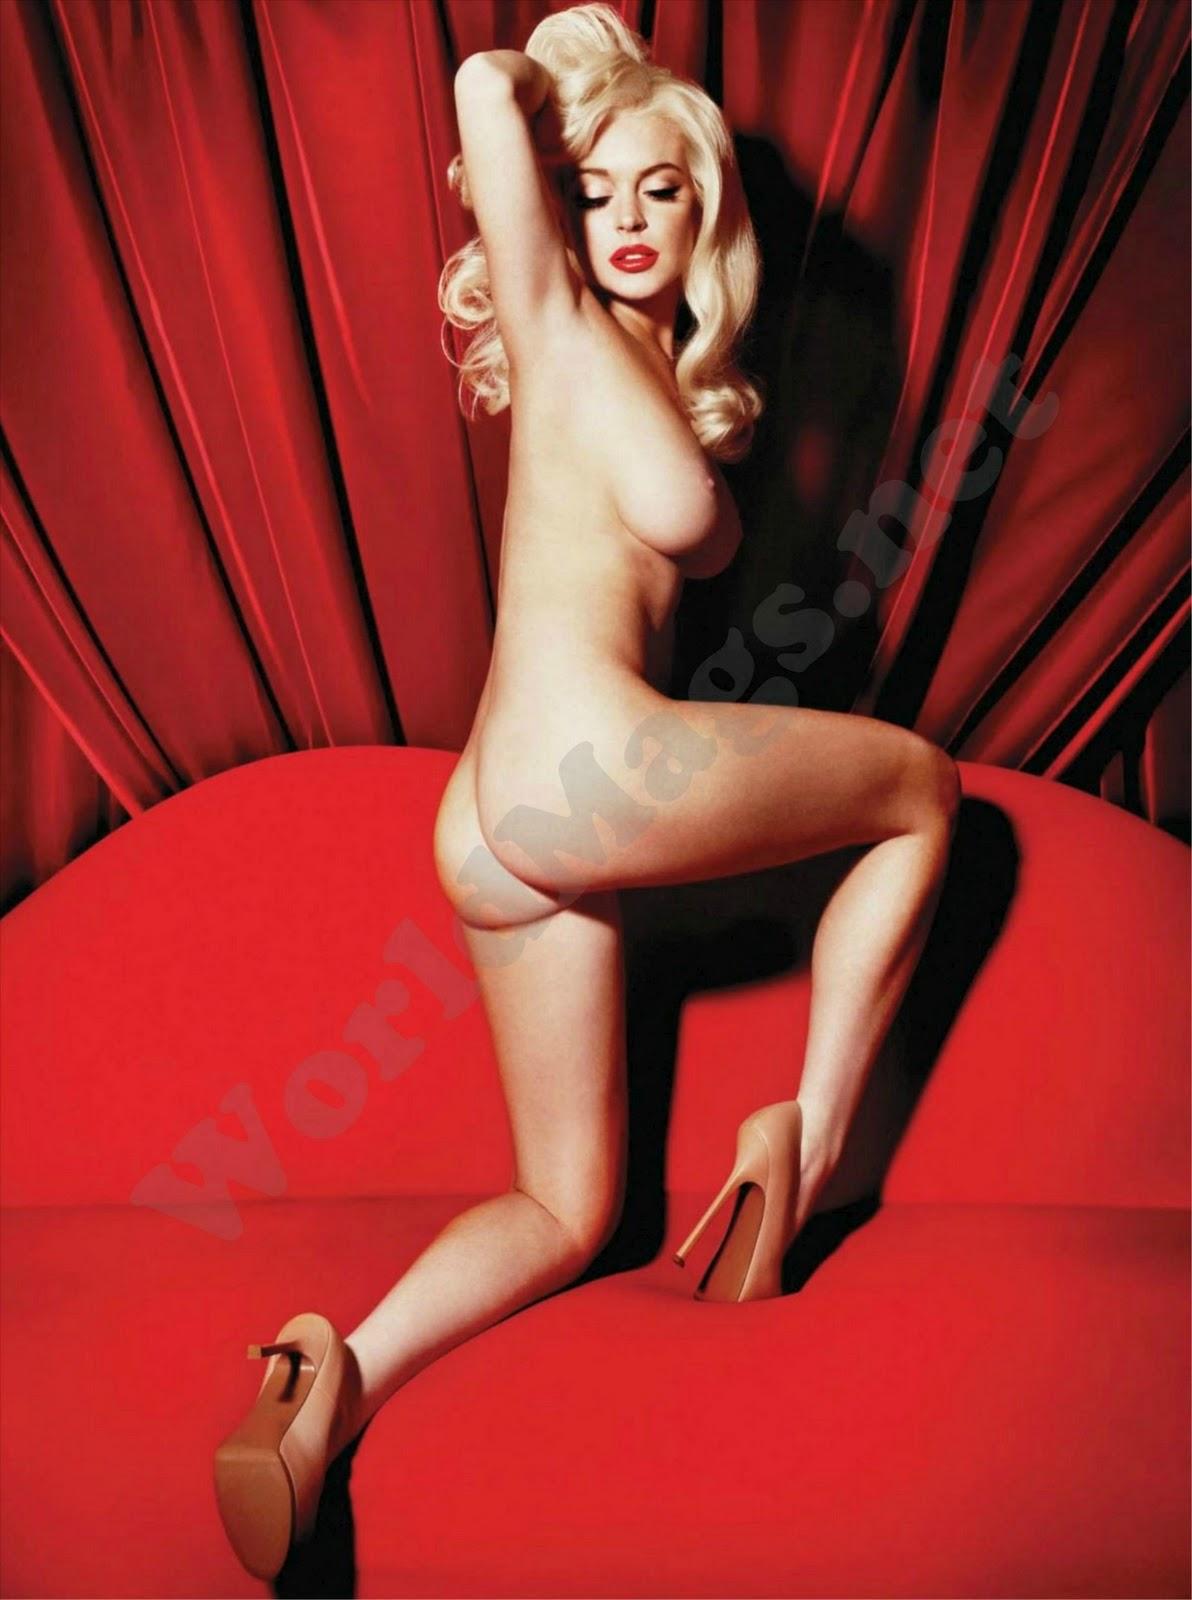 Lindsay Lohan Poses Nude 28